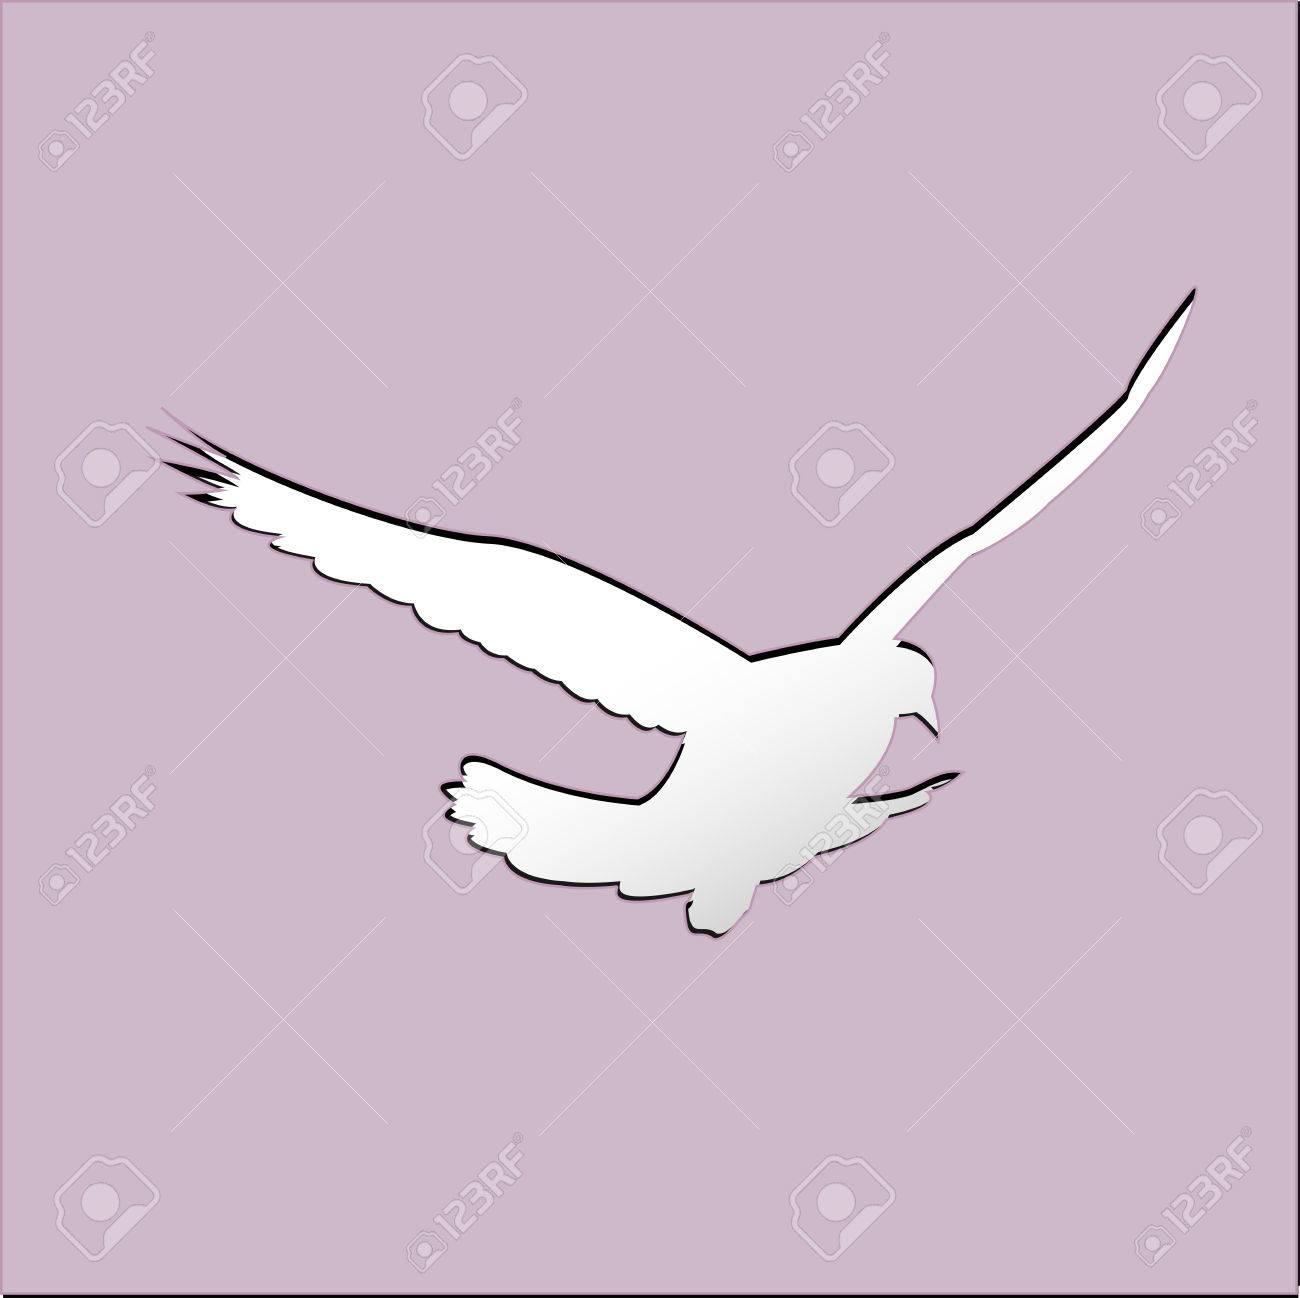 Oiseau Volant Sur Le Ciel Avec Des Nuages. Effet Découpé En Papier. Modèle  Pour Carte De Voeux. destiné Modèle Oiseau À Découper